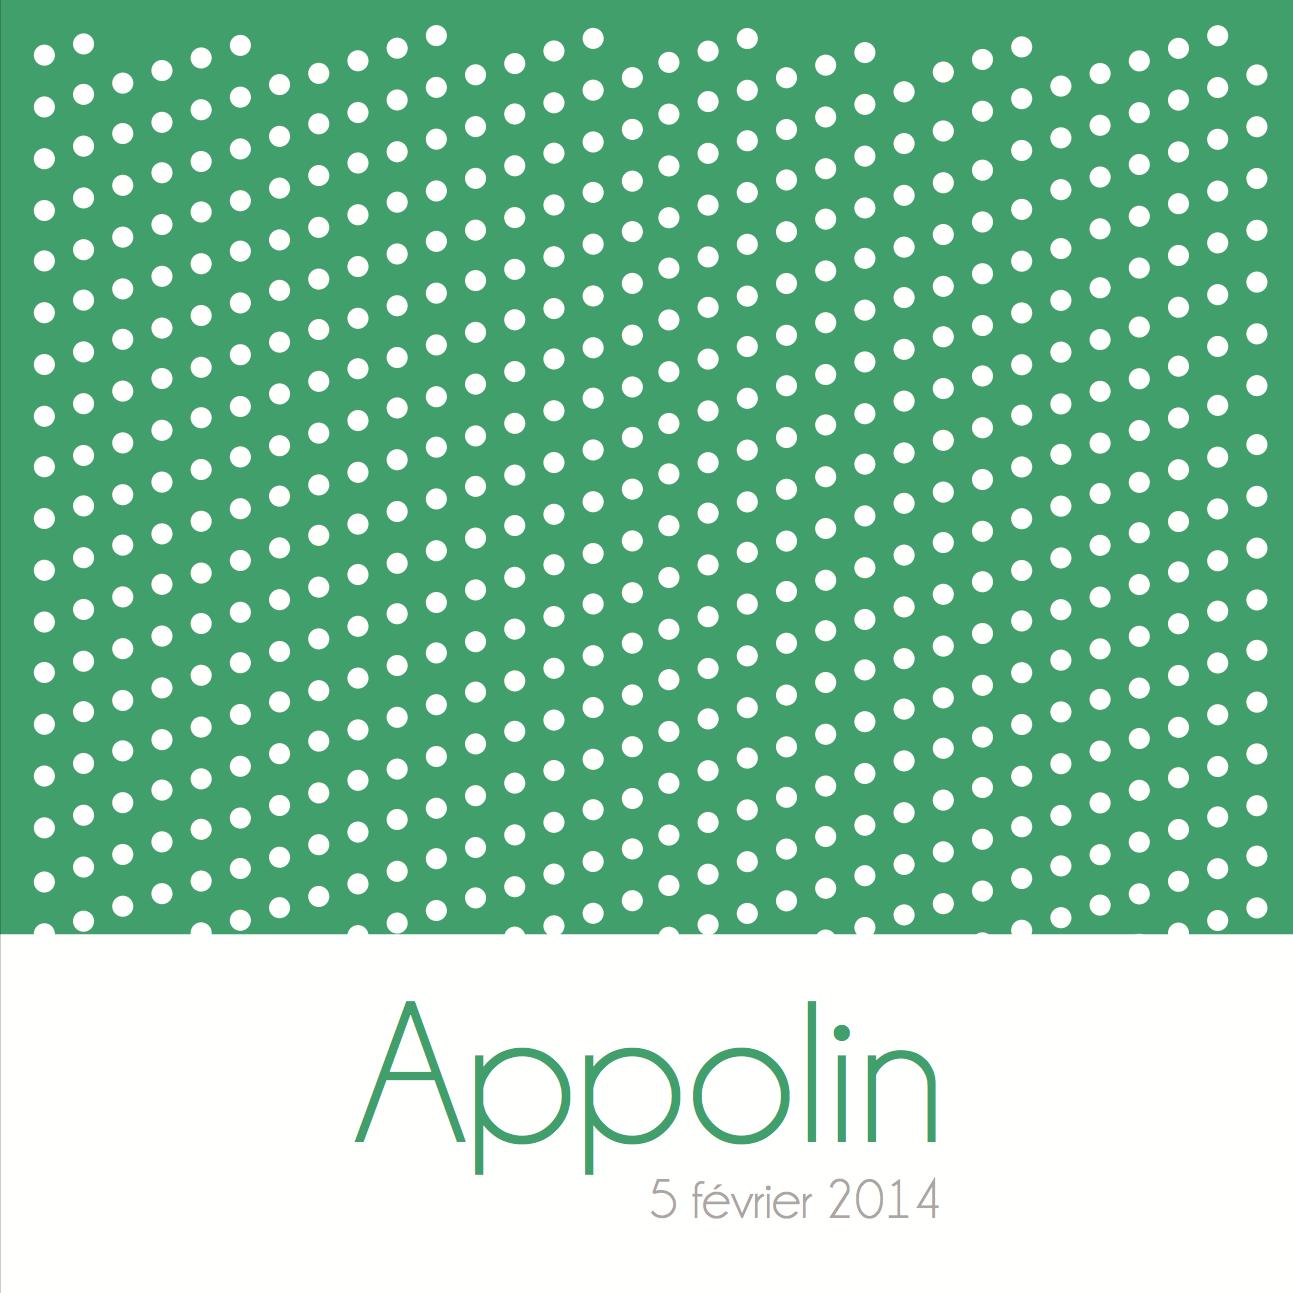 Appoline_carré_recto_1_vert.png